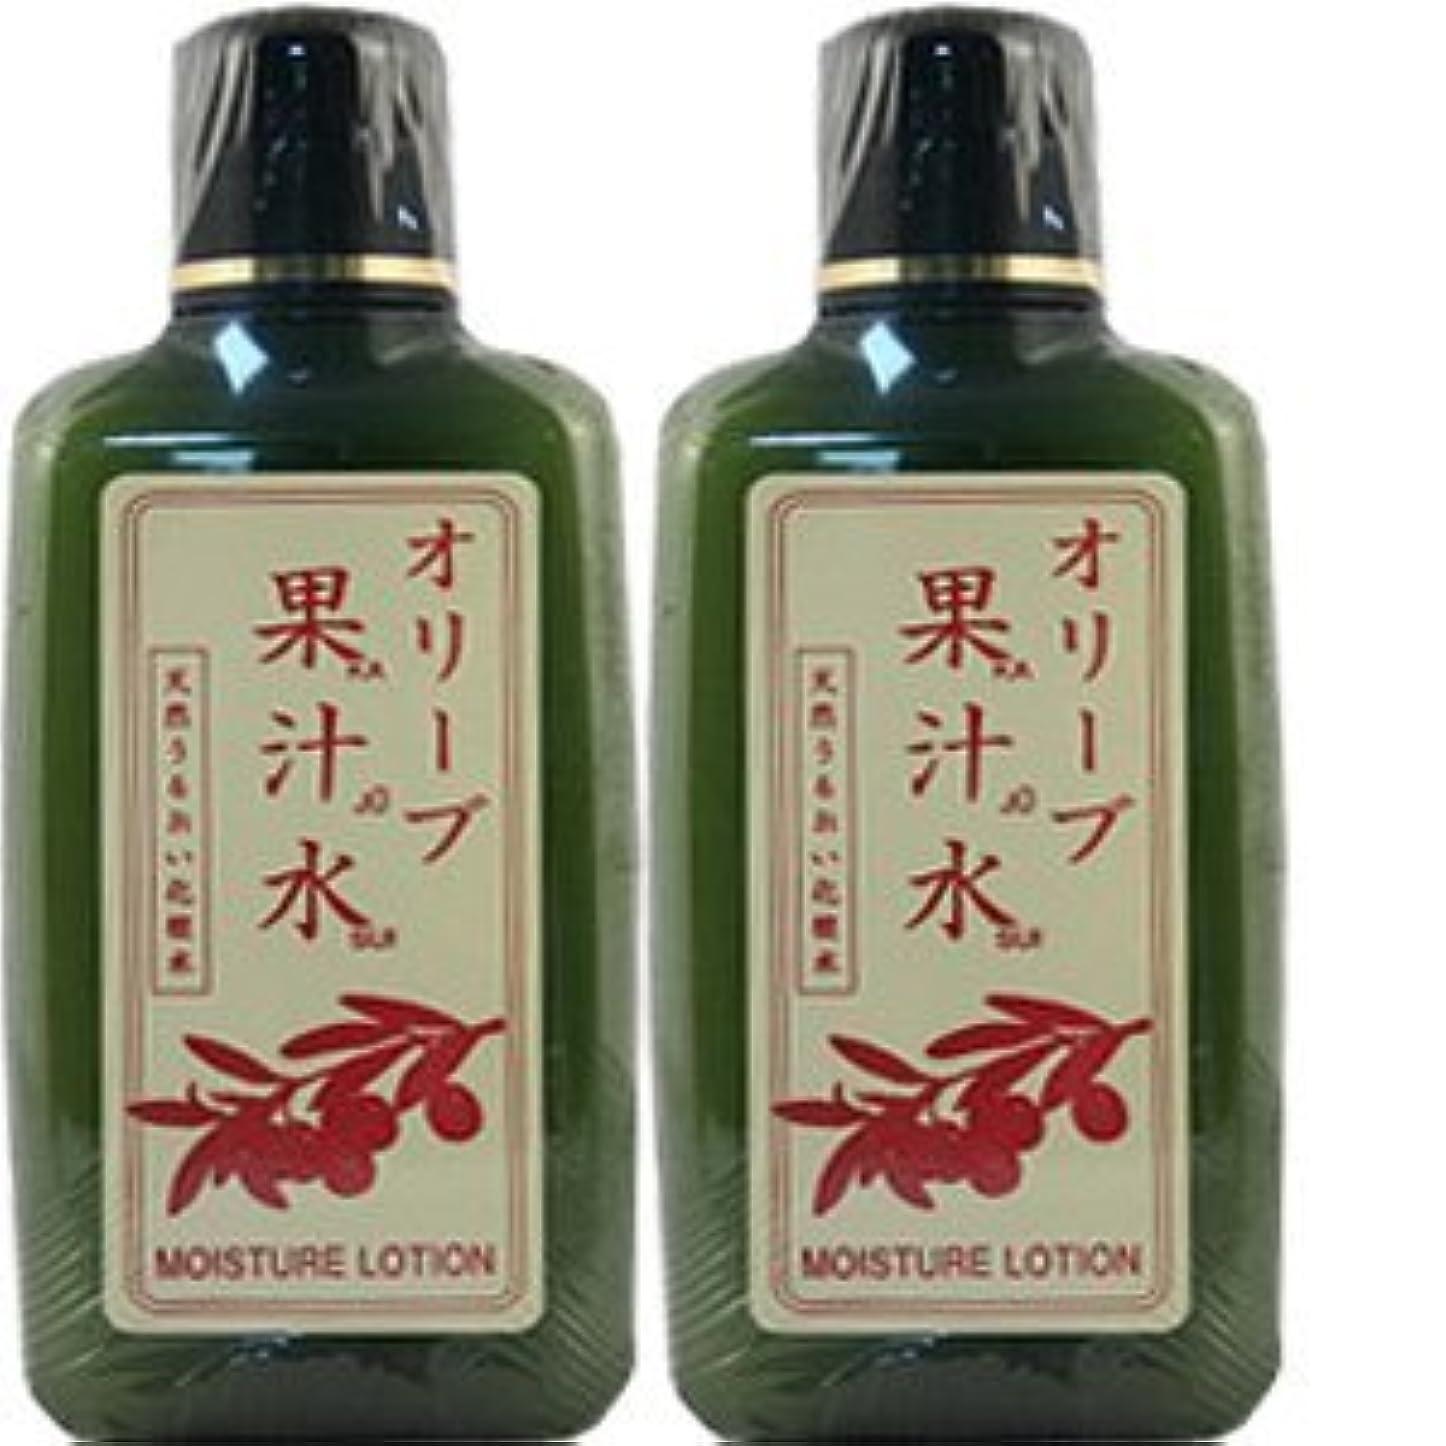 伝染性コントラスト留め金【2本】 オリーブマノン オリーブ果汁水 180mlx2個(4965363003982)